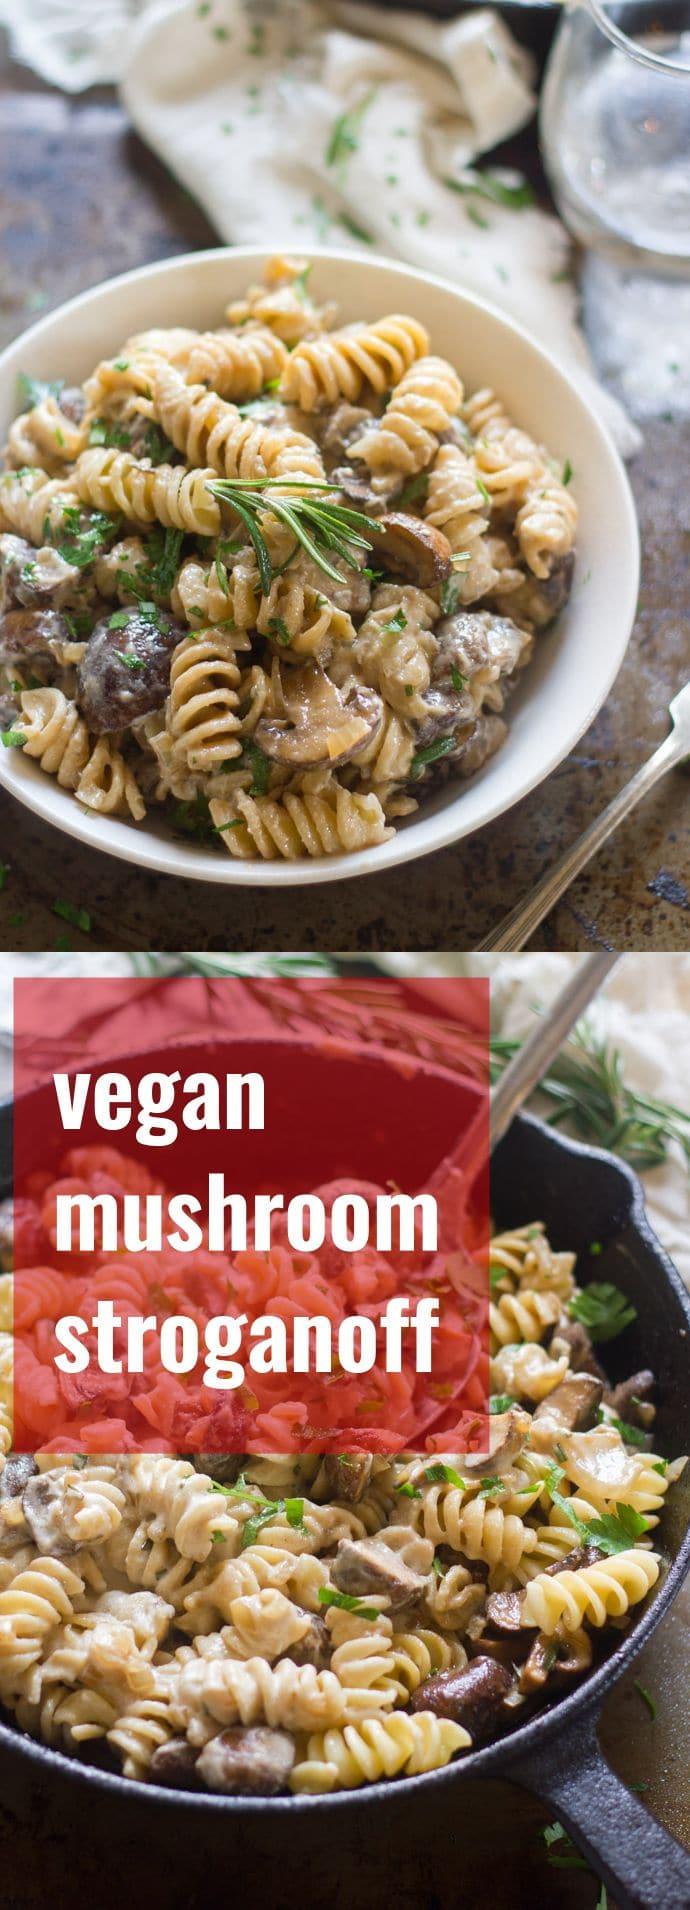 Vegan Mushroom Stroganoff